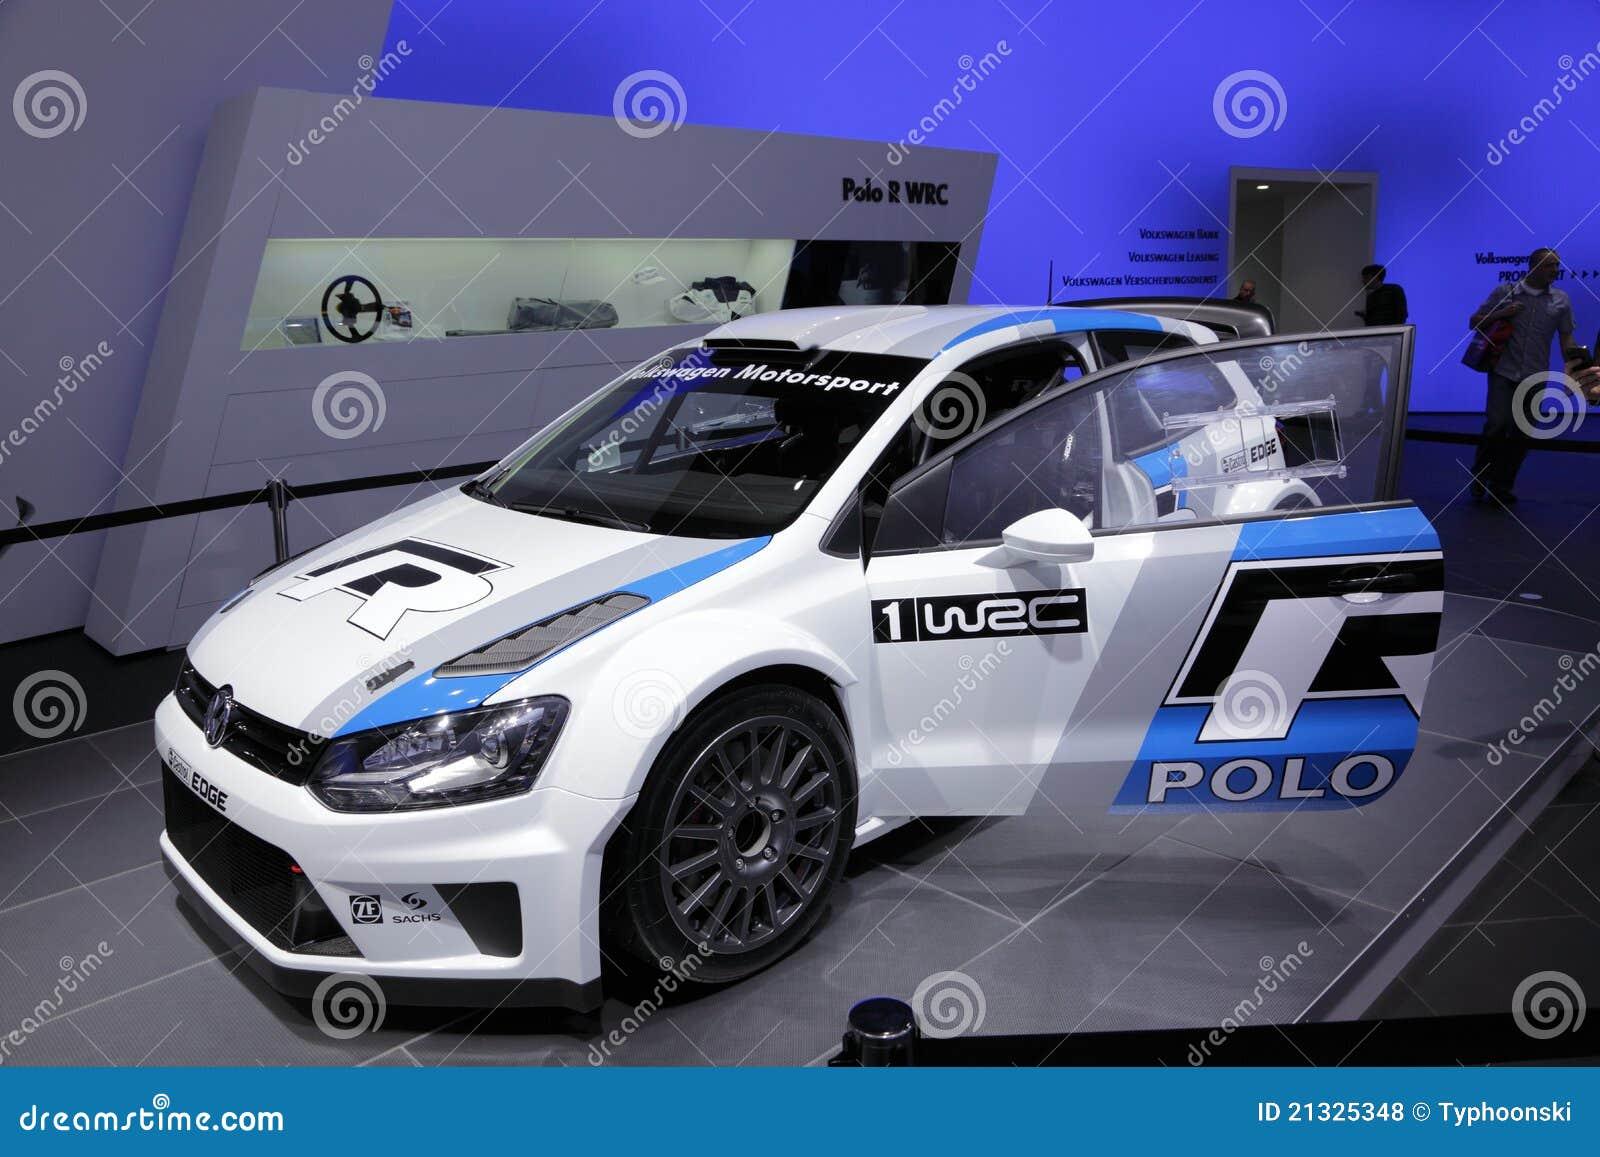 Wrc vw гонки поло автомобиля новое